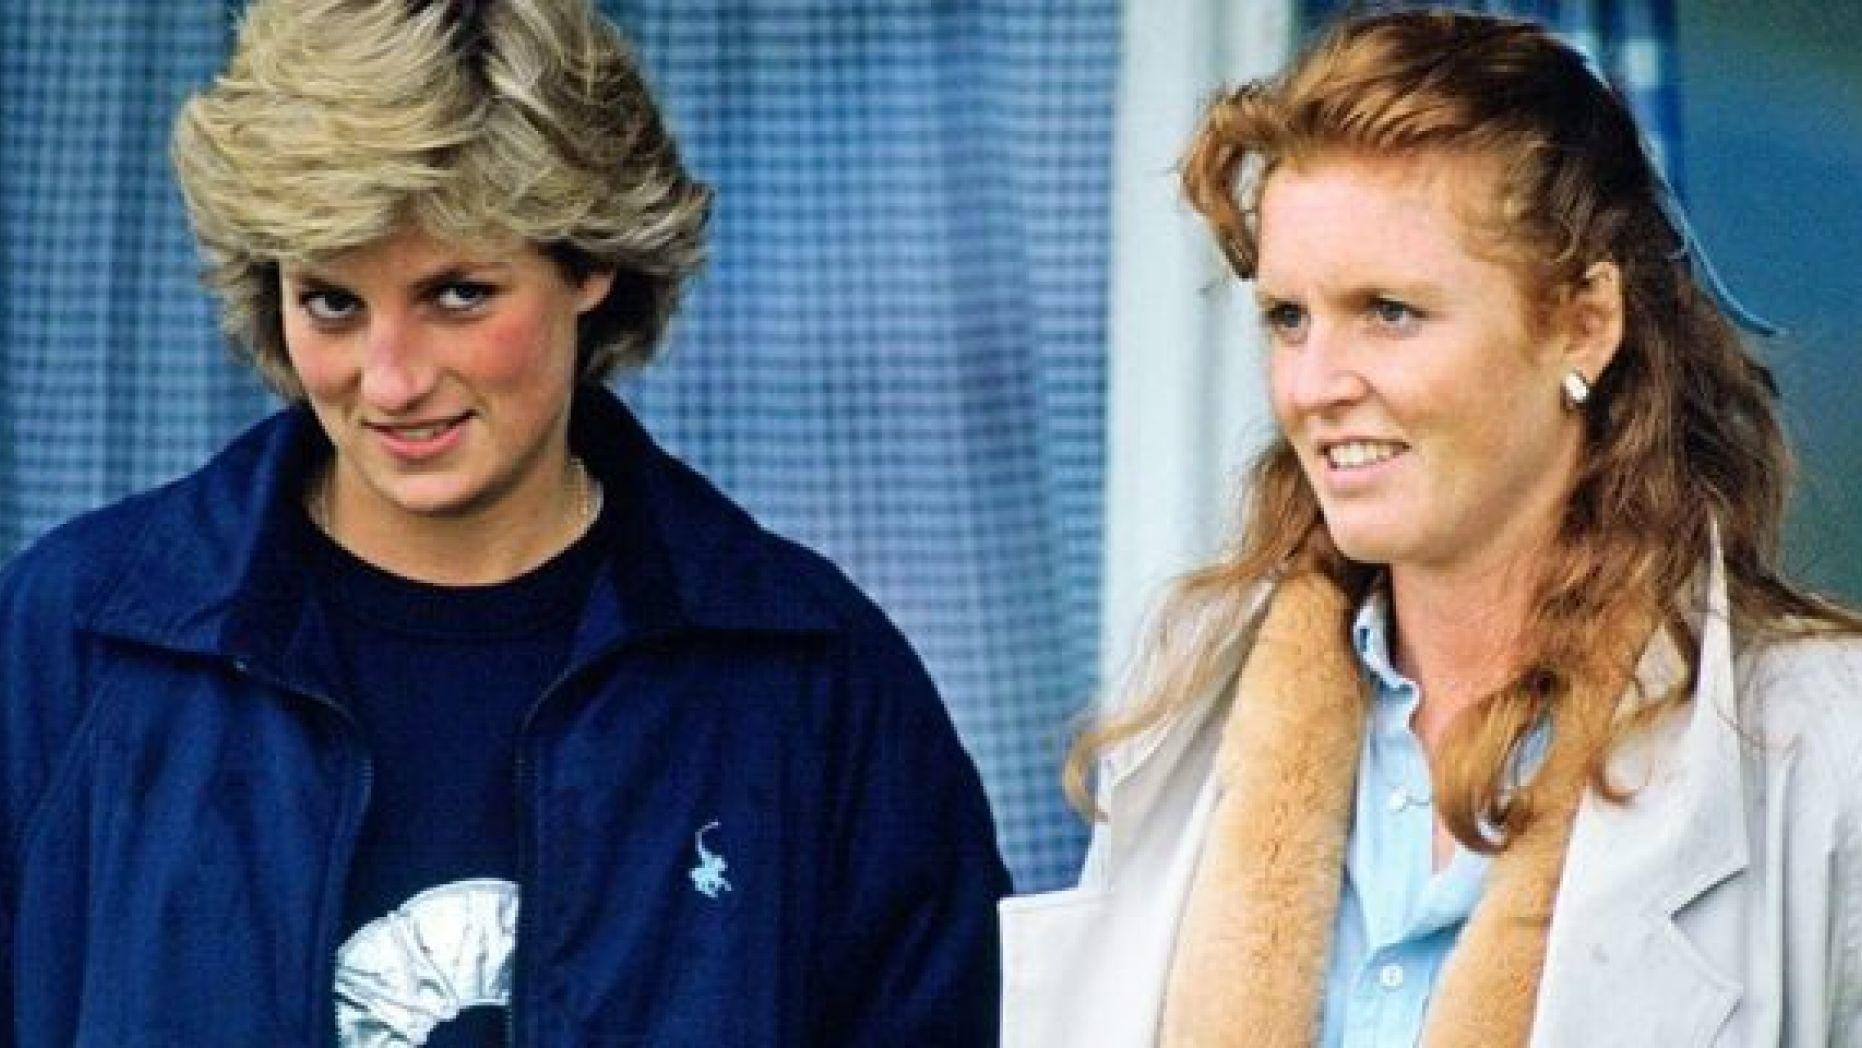 Sarah Ferguson Son adorable hommage à Lady Diana Lady